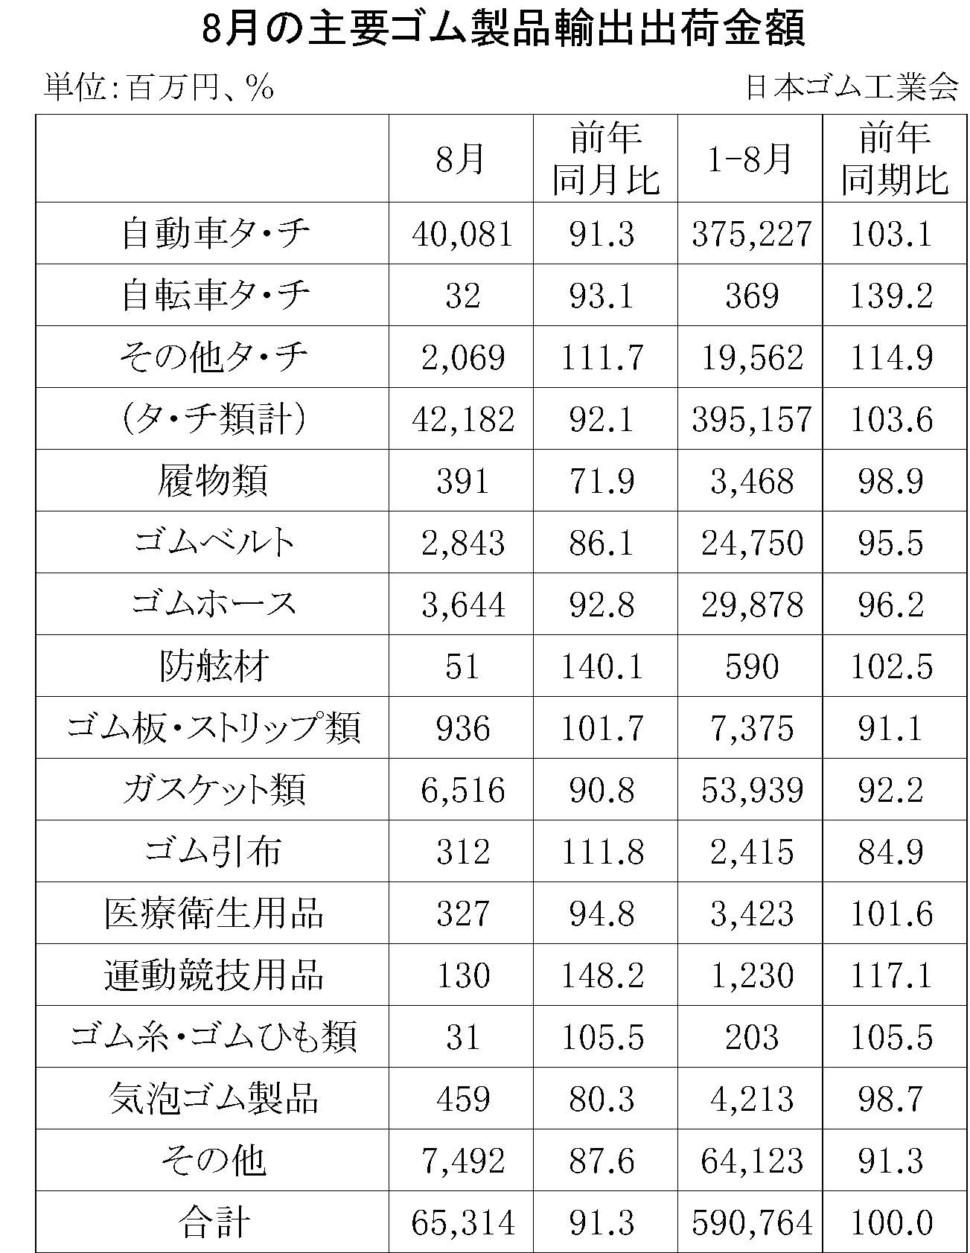 8月のゴム製品輸出